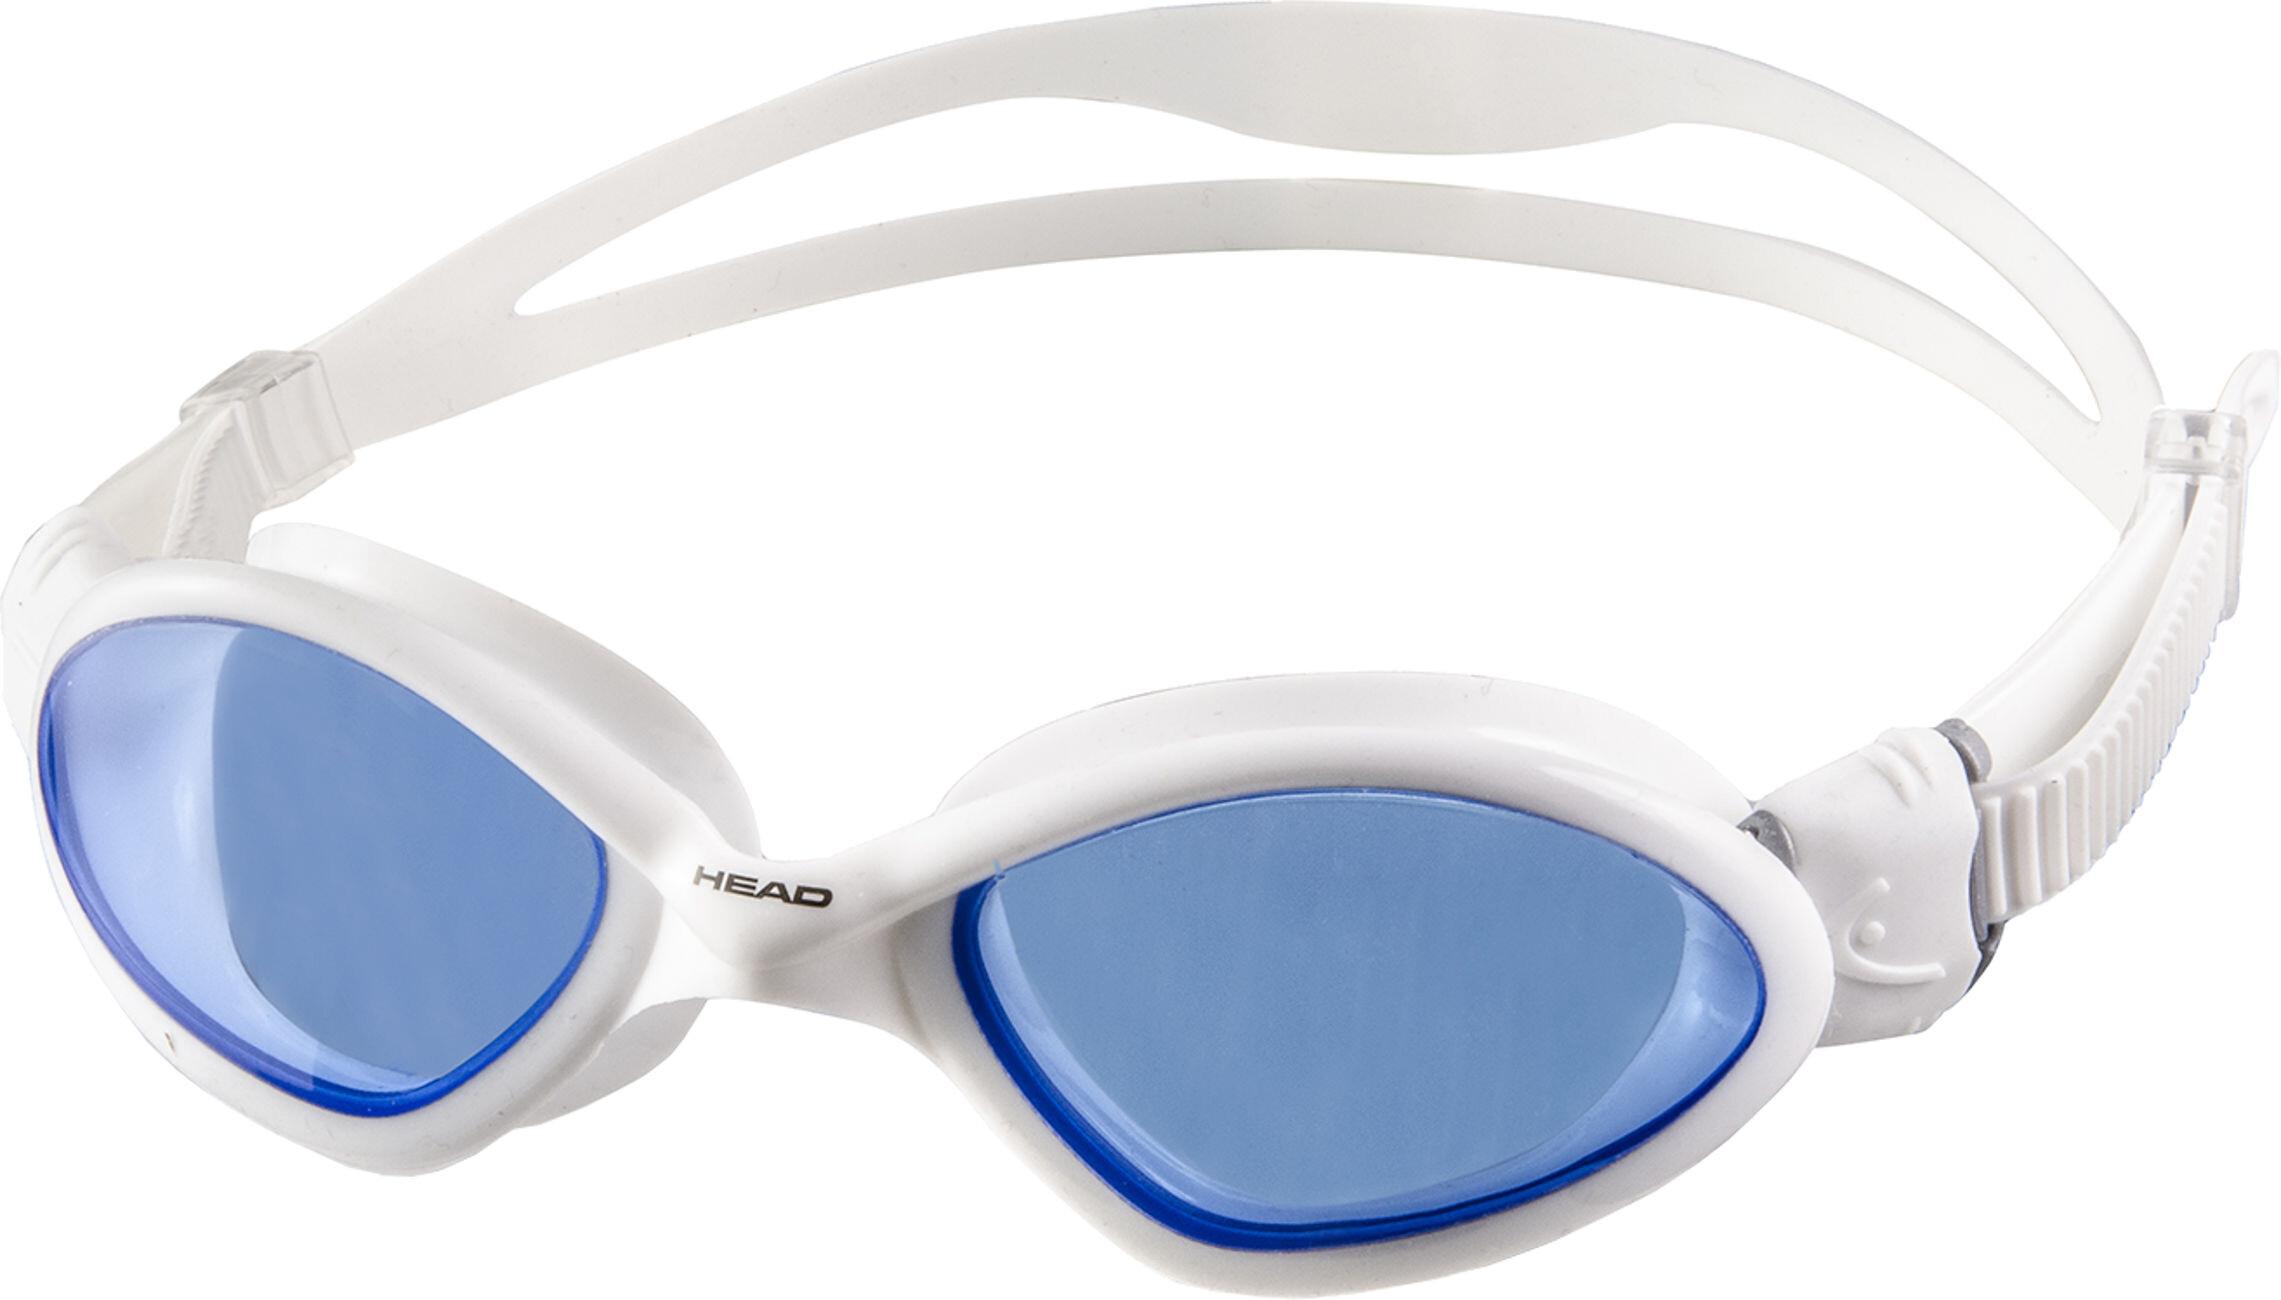 Head Tiger Mid Simglasögon blå vit - till fenomenalt pris på Bikester cfd9fc620d9e0